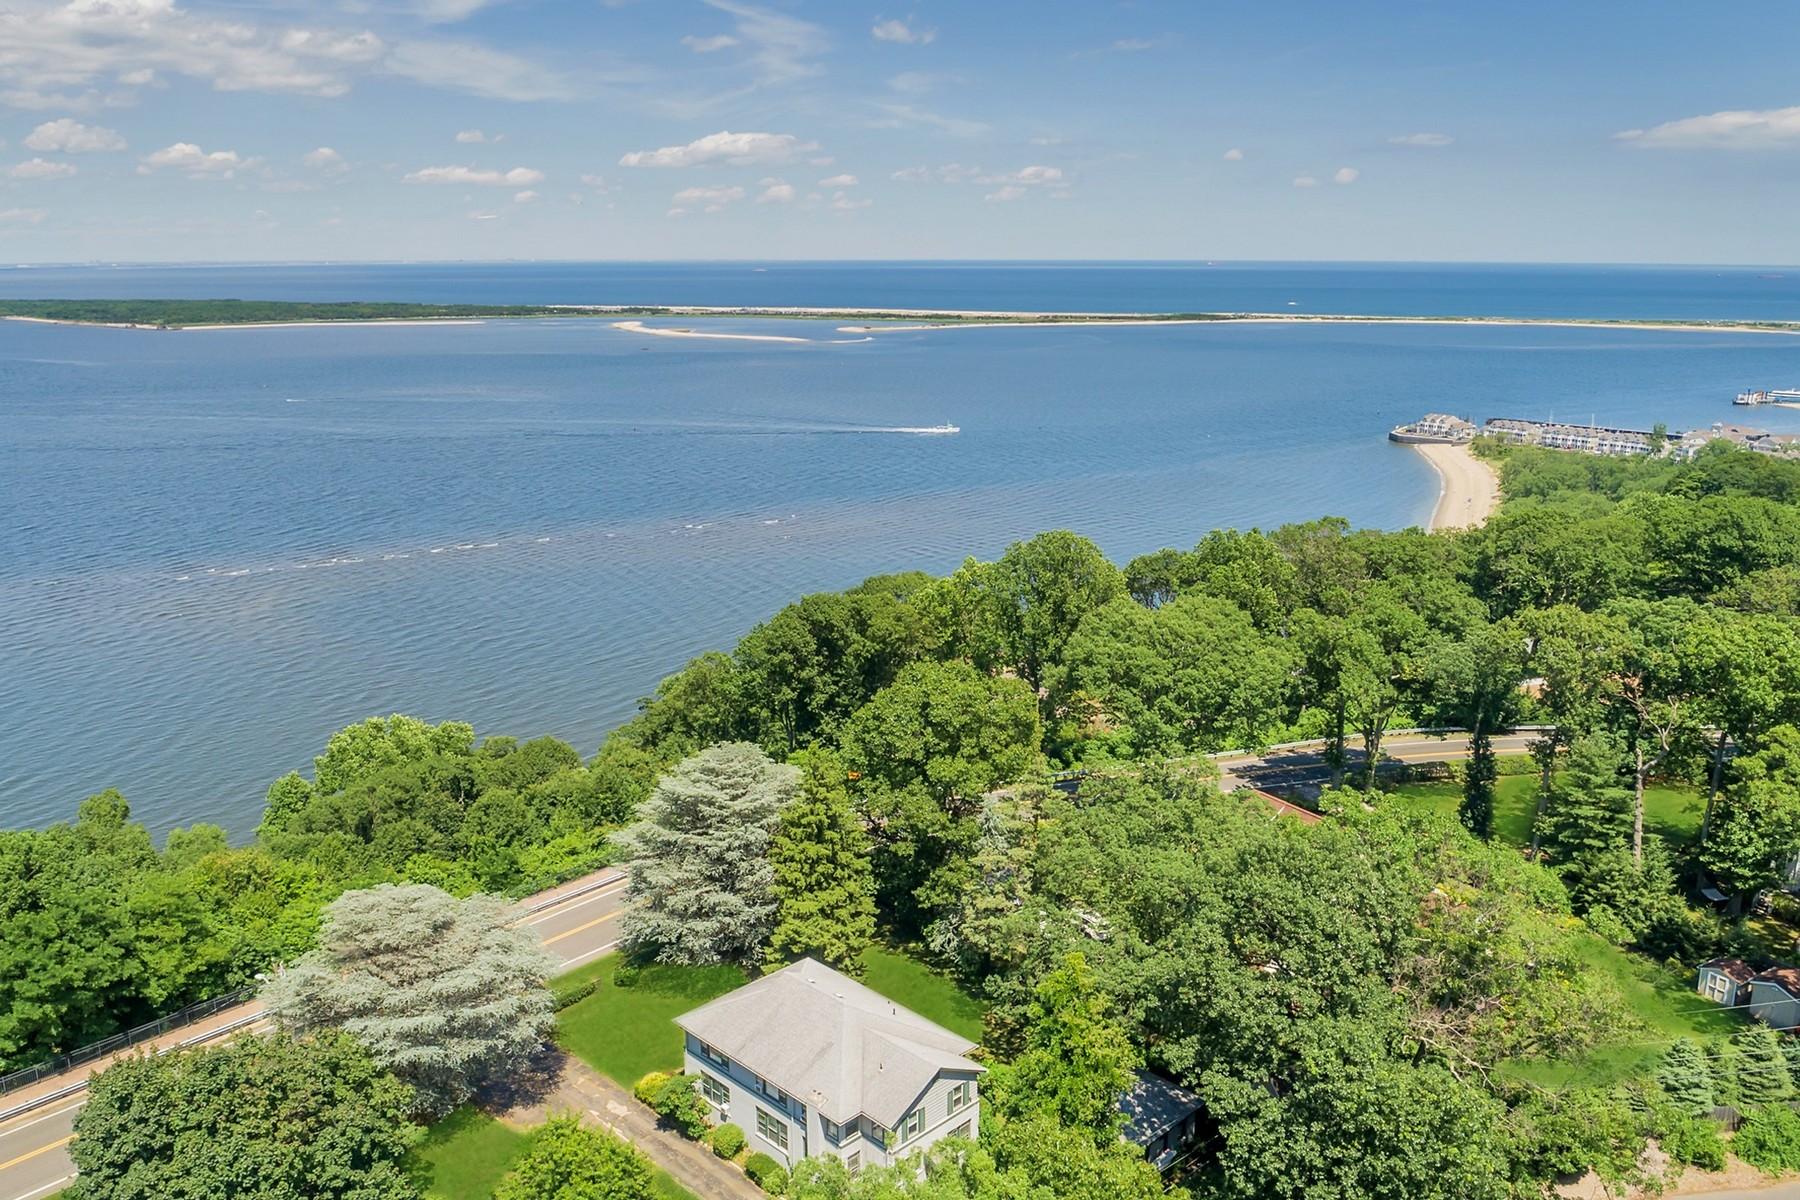 Частный односемейный дом для того Продажа на THE SKY IS THE LIMIT 307 Ocean Blvd, Atlantic Highlands, Нью-Джерси 07716 Соединенные Штаты